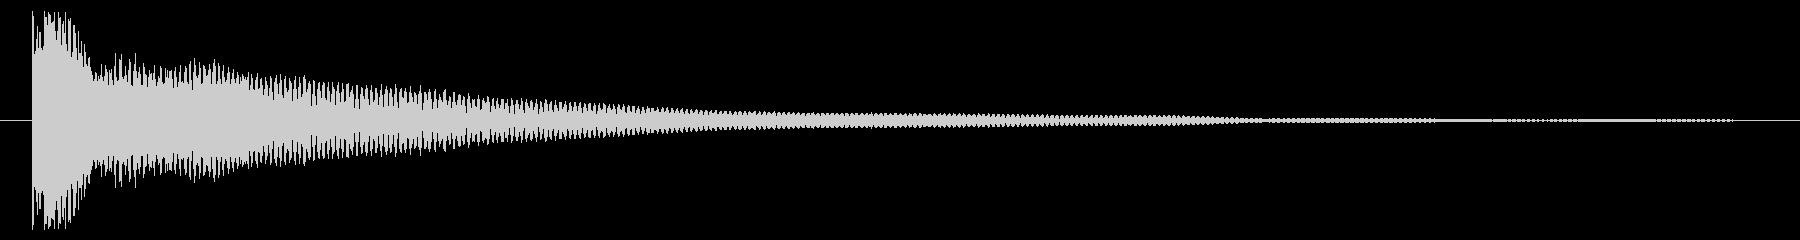 剣 ソードヒット甘味料22の未再生の波形